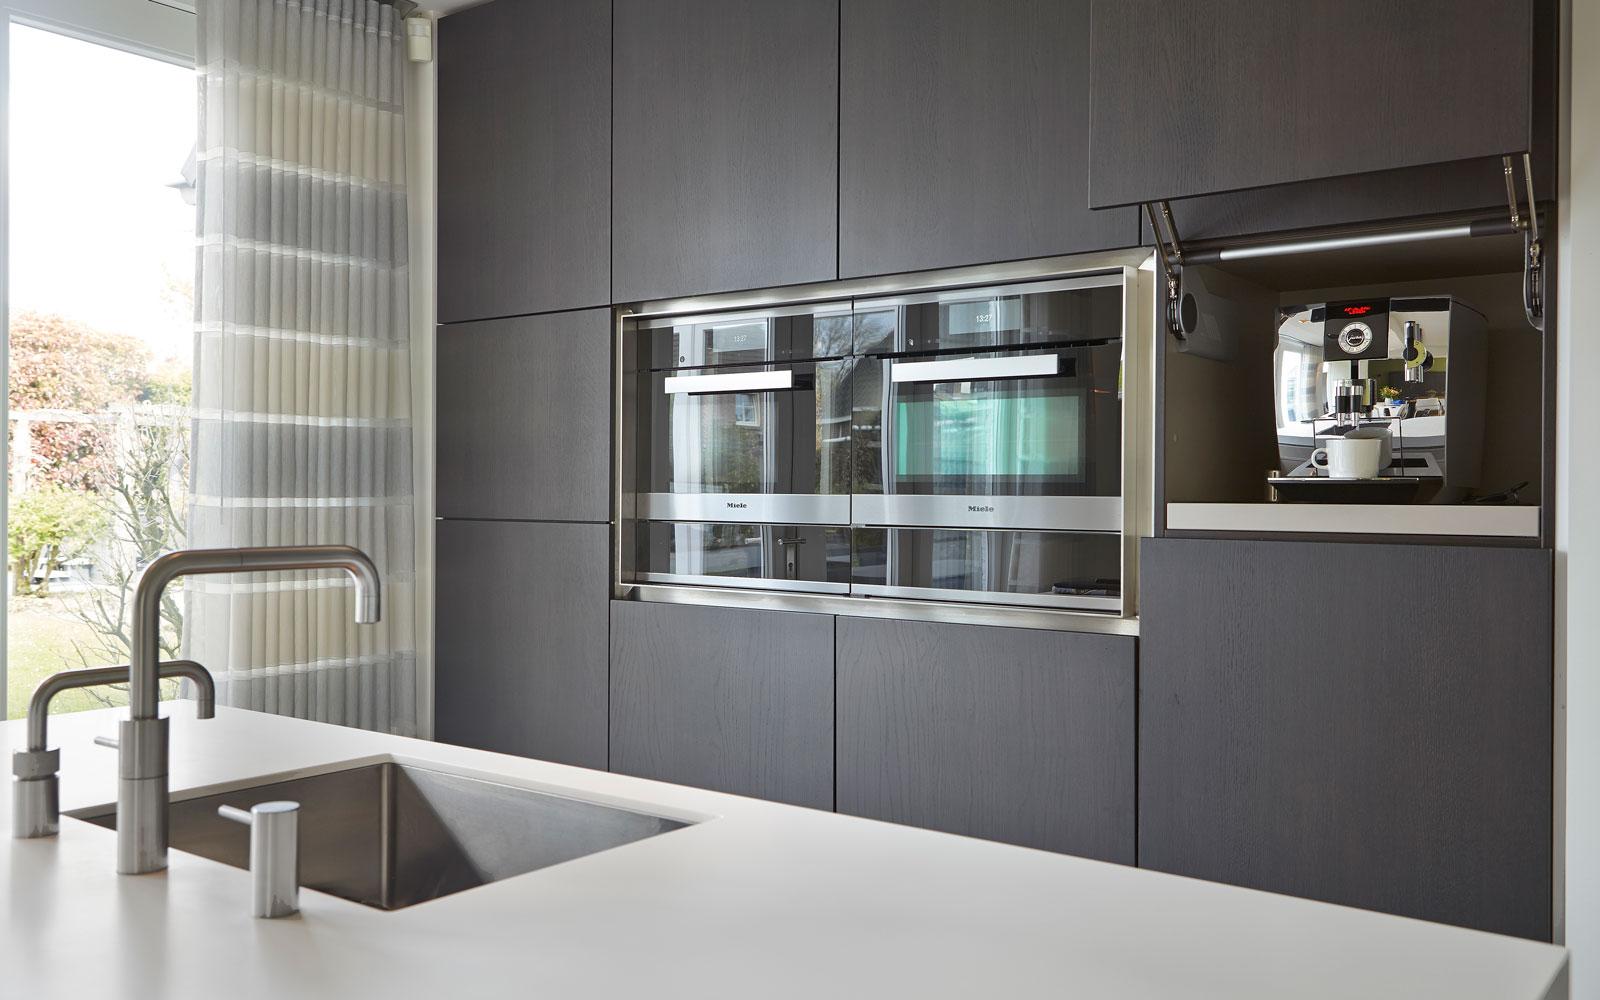 The Art of Living, Exclusief wonen, Interieur/keuken, Van den Berg Keukens en Maatmeubilair, keuken, maatwerk, oven, elektro, keukenapparatuur, gordijn, hout